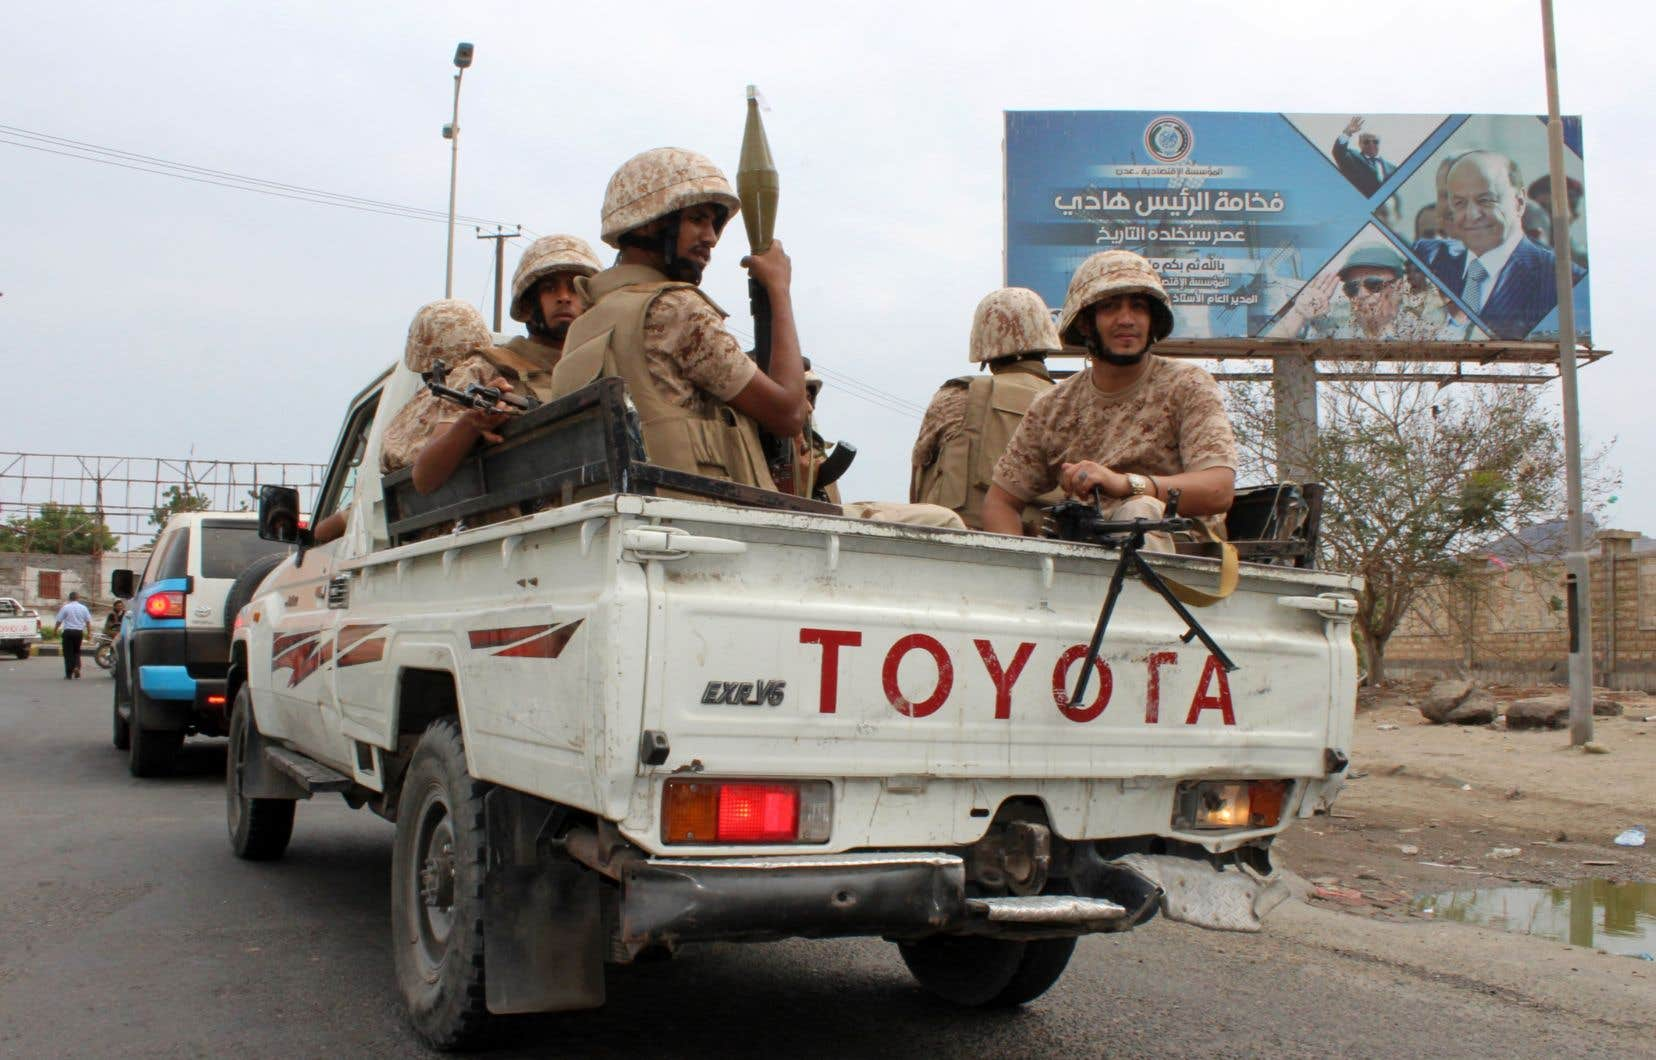 Des combattants du mouvement séparatiste du sud du Yémen sont assis à l'arrière d'une camionnette à Aden, dimanche, lors d'affrontements contre les forces loyalistes.